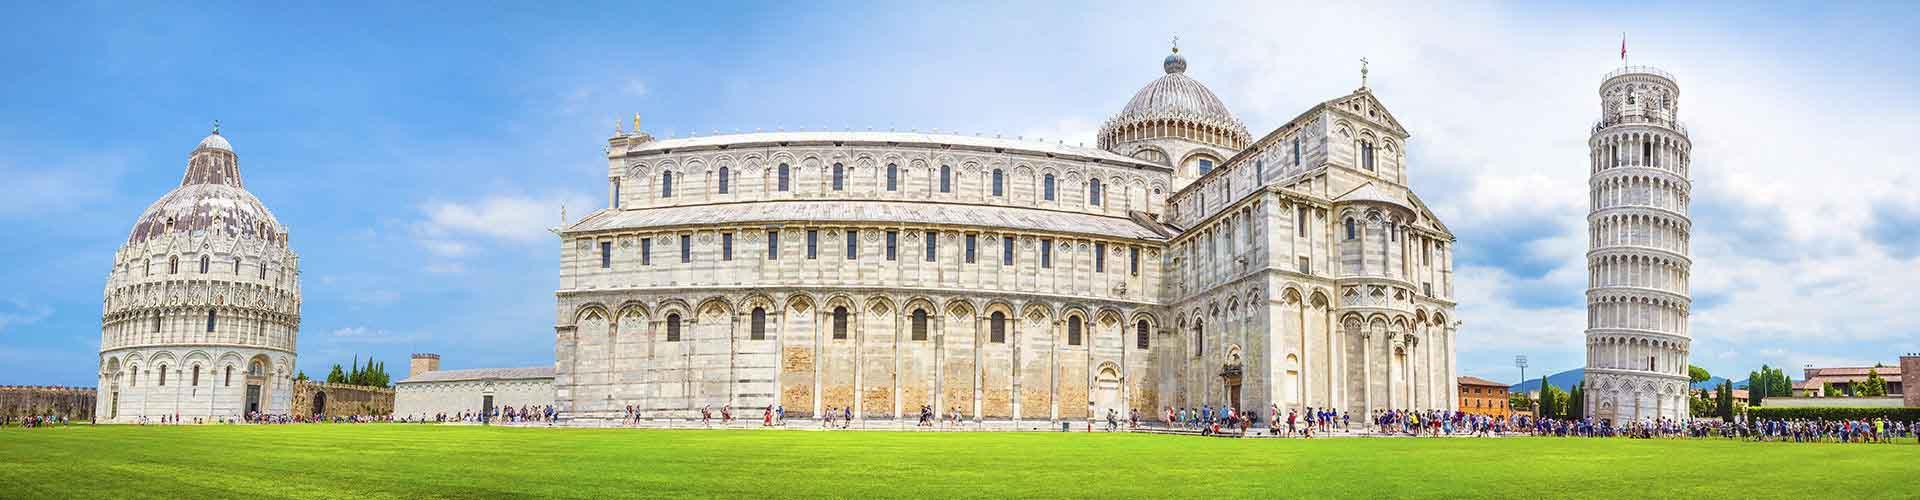 Pisa - Camping közel Galileo Galilei Repülőtér. Pisa térképek, fotók és ajánlások minden egyes Pisa campingról.